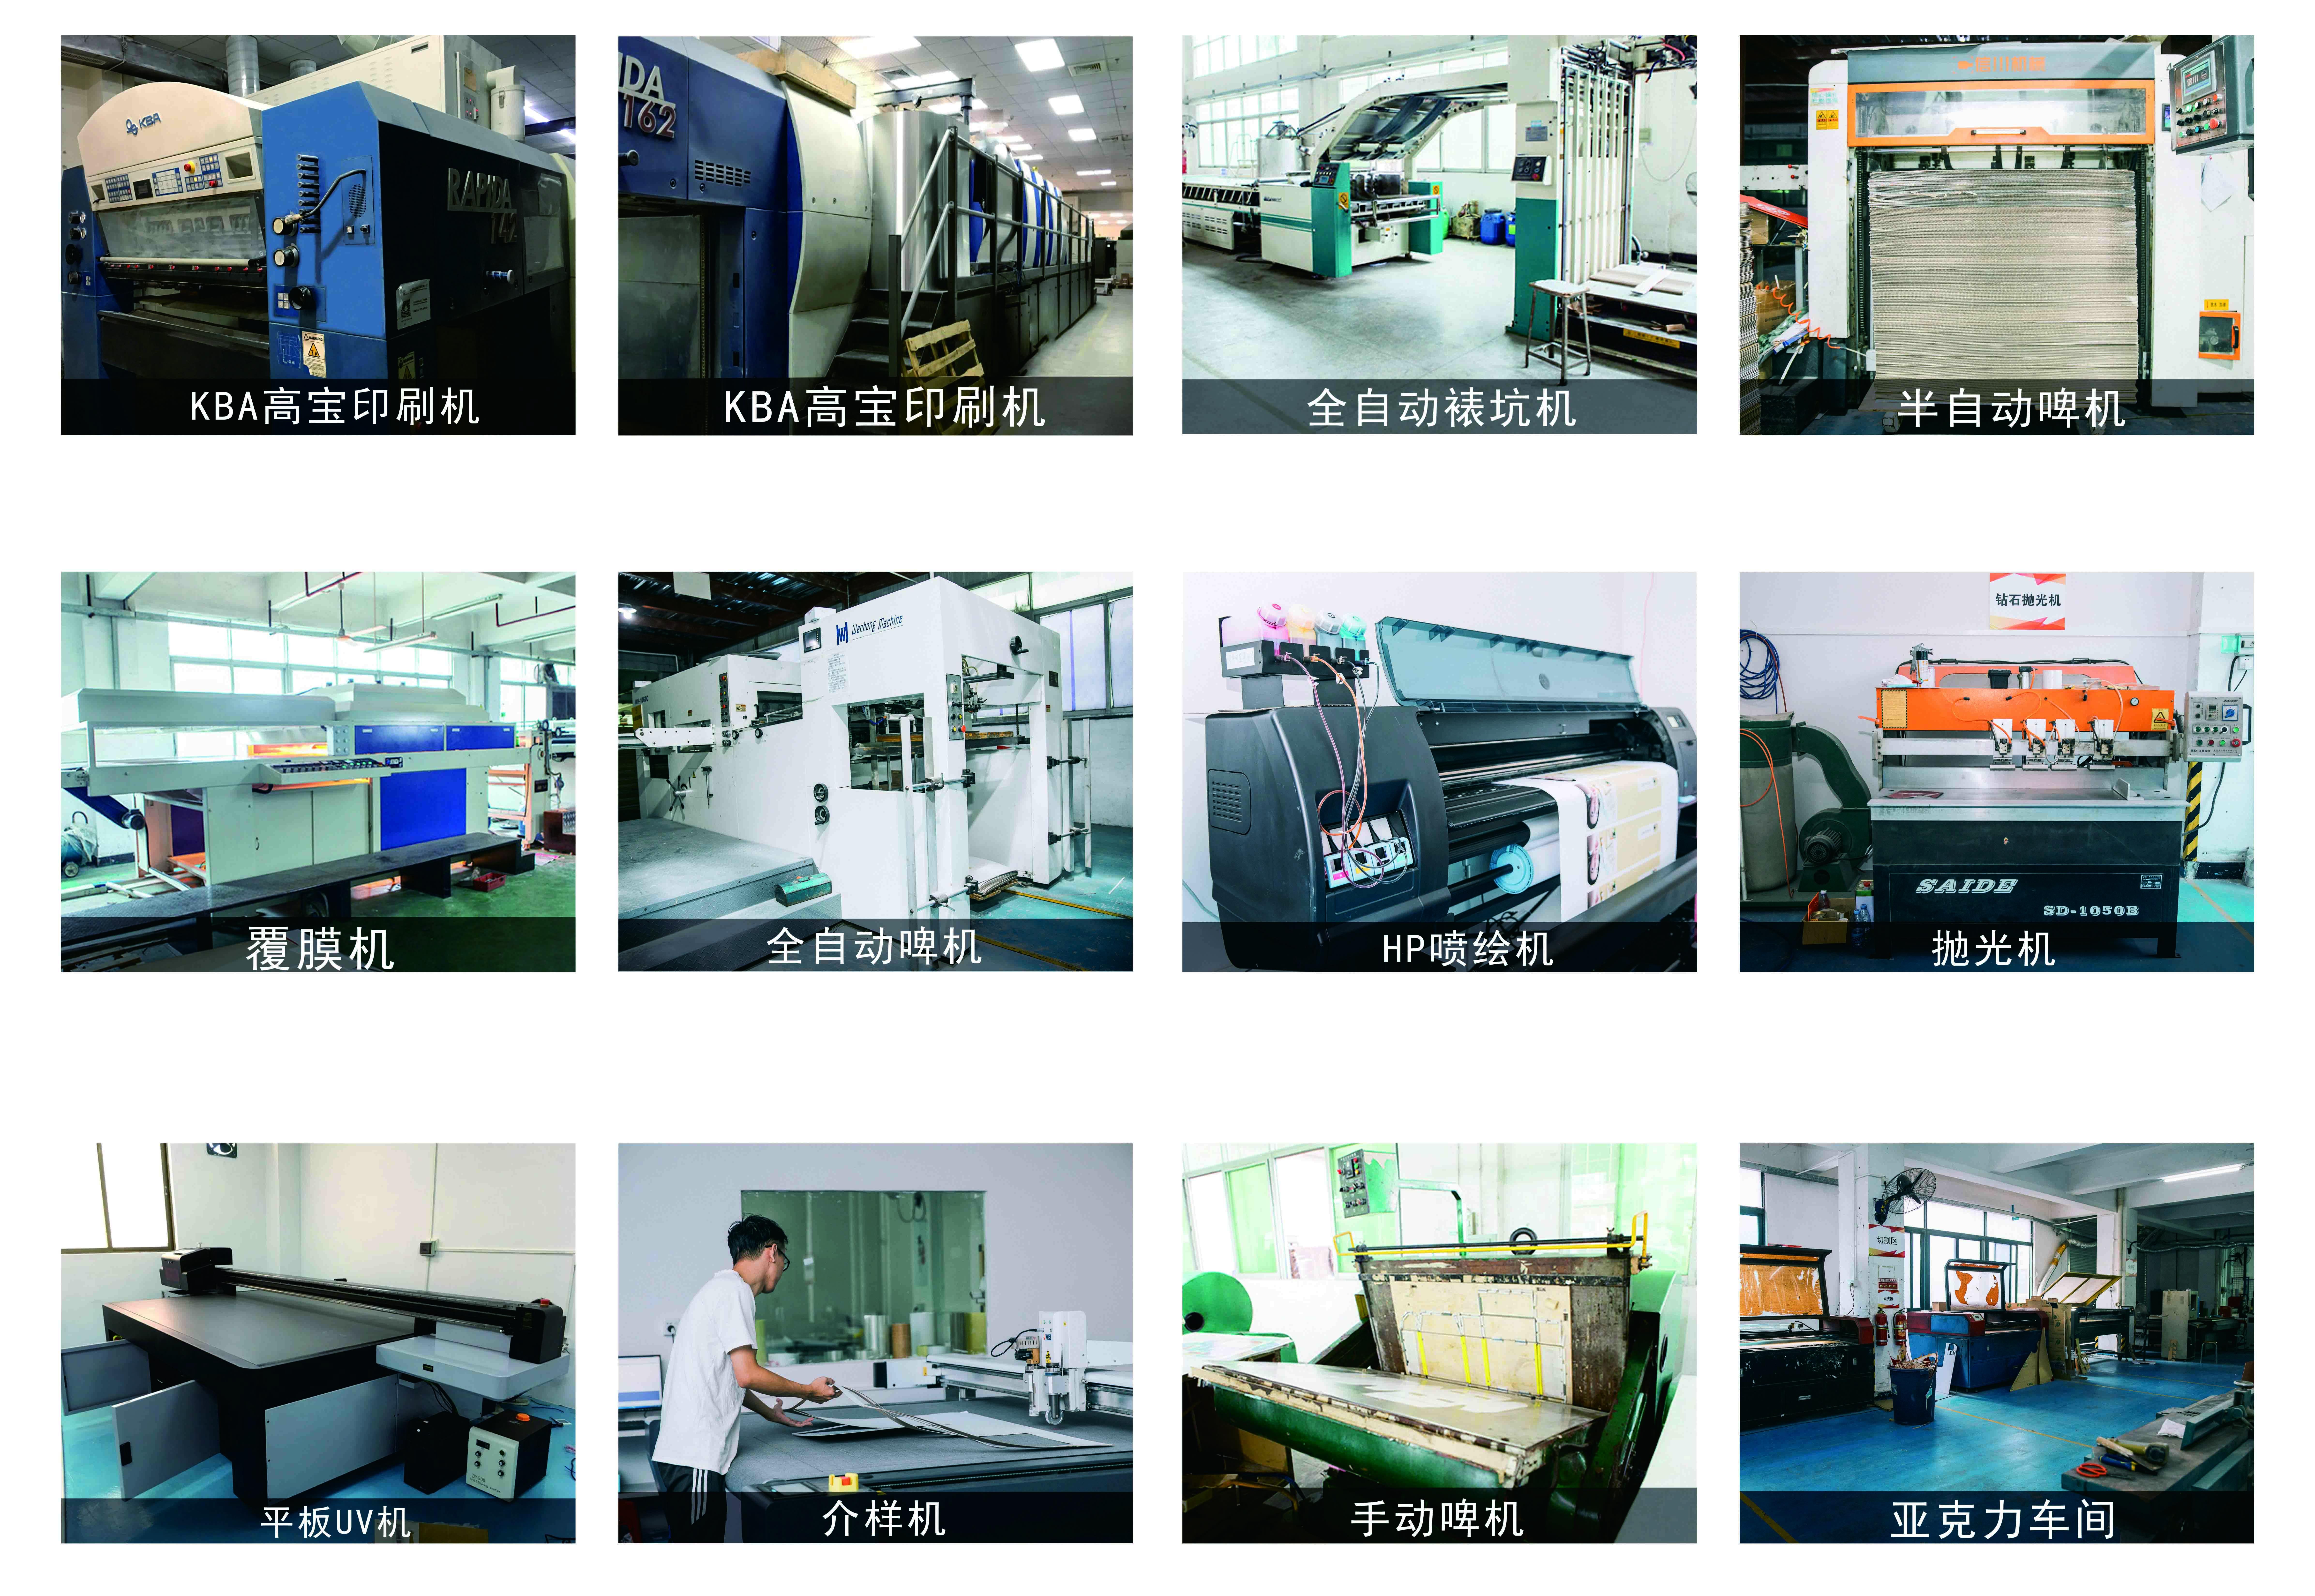 澳澌汀制造实力、专注生产:纸货架 ,纸货架厂家,纸货架定制, 纸质展示架, 纸质展示架定制